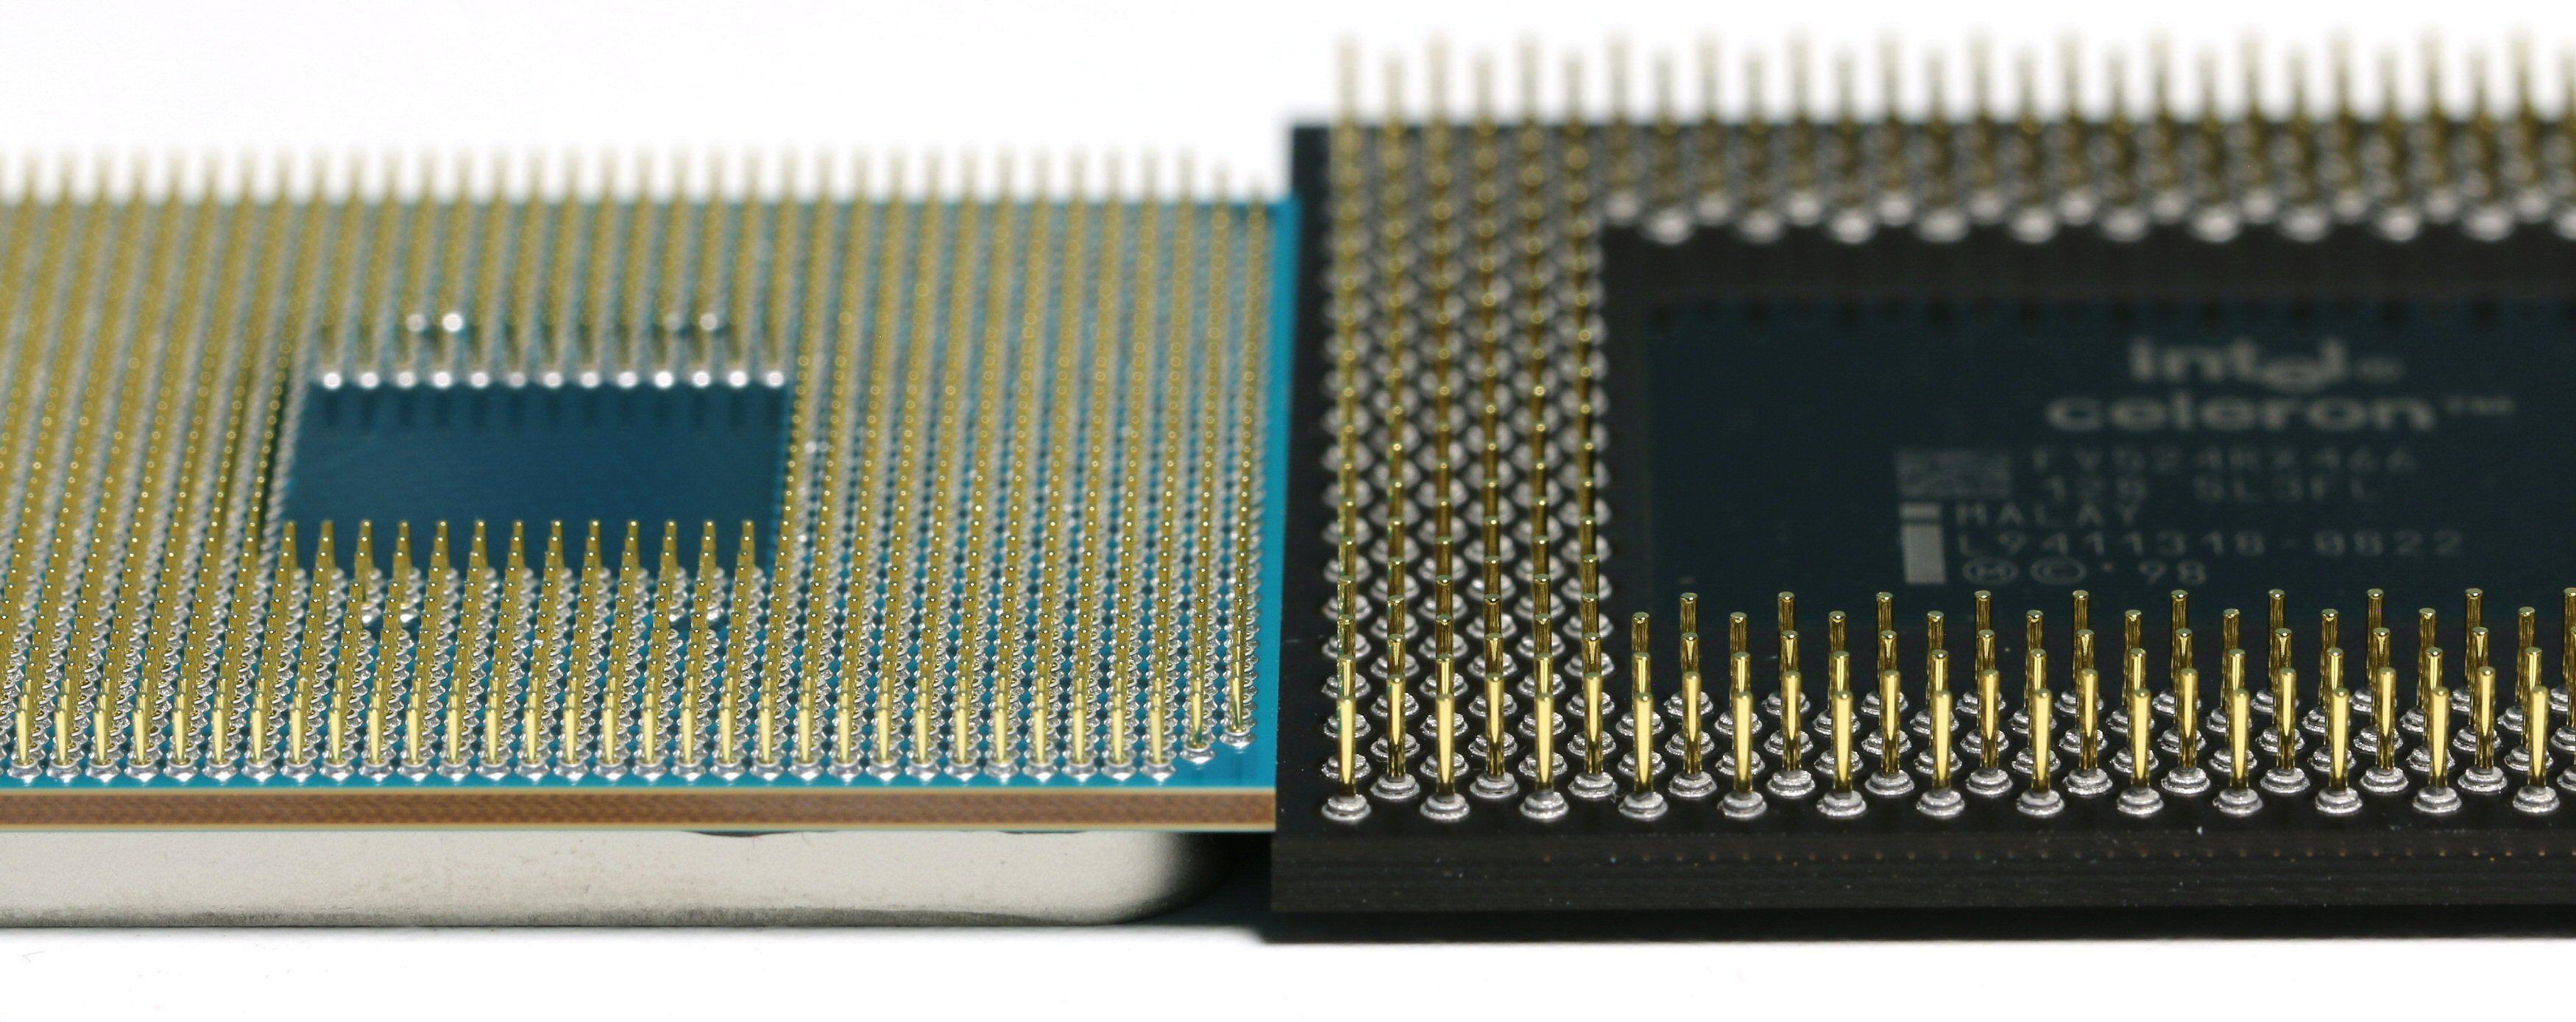 Pinnene pakkes litt tettere på nye AMD Ryzen enn på den gamle Celeron-prosessoren lagd for Socket 370.